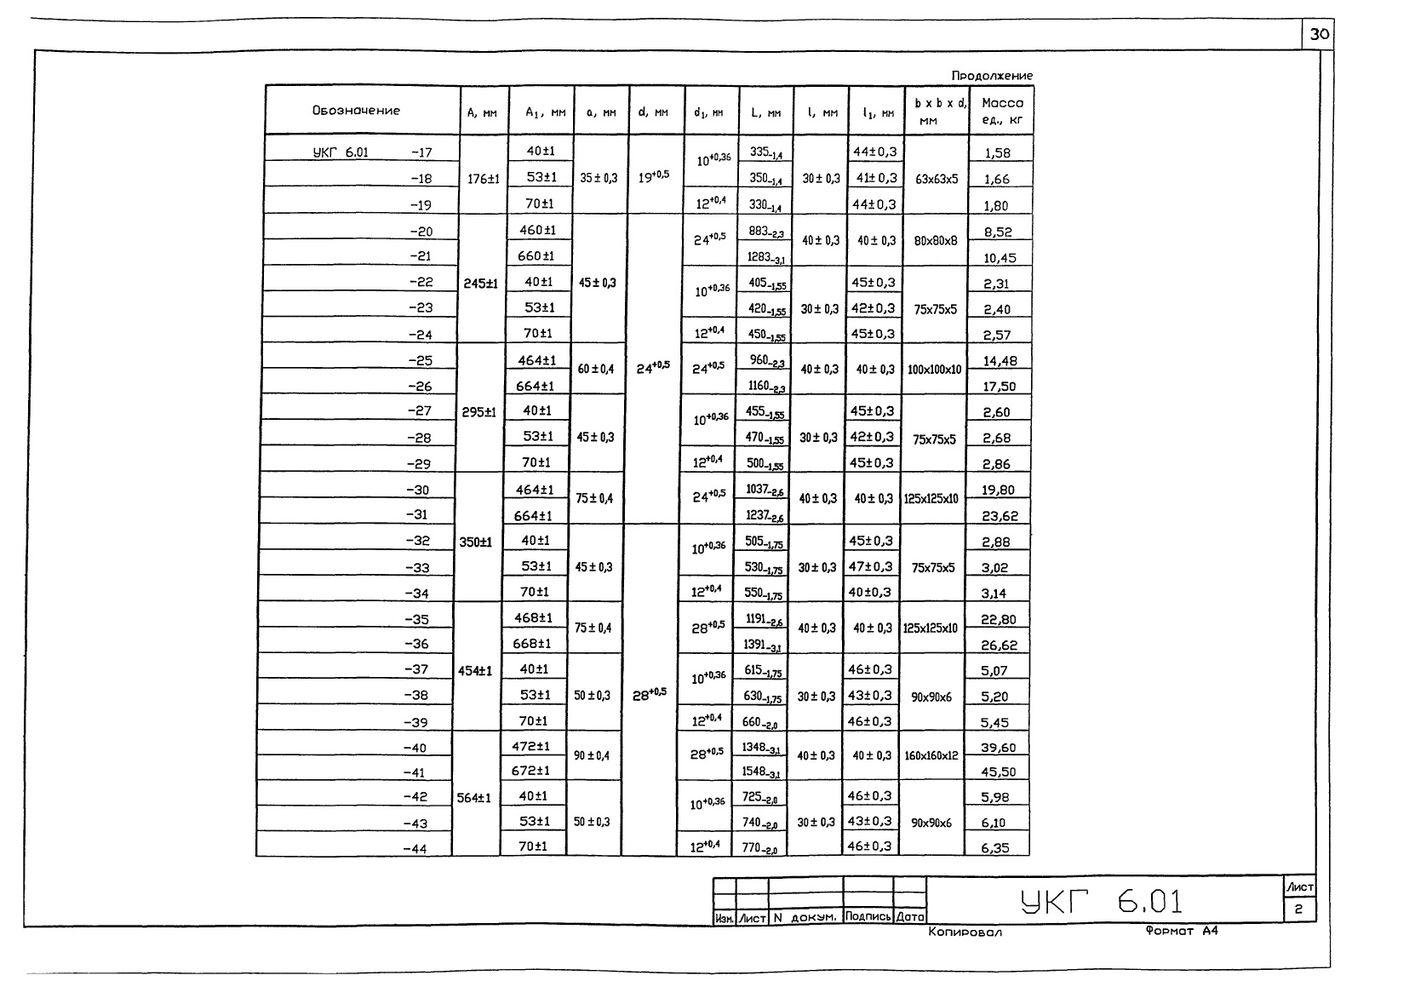 Крепление вертикального газопровода Ду 50...500 мм к железобетонной колонне УКГ 6.00 СБ серия 5.905-18.05 выпуск 1 стр.11